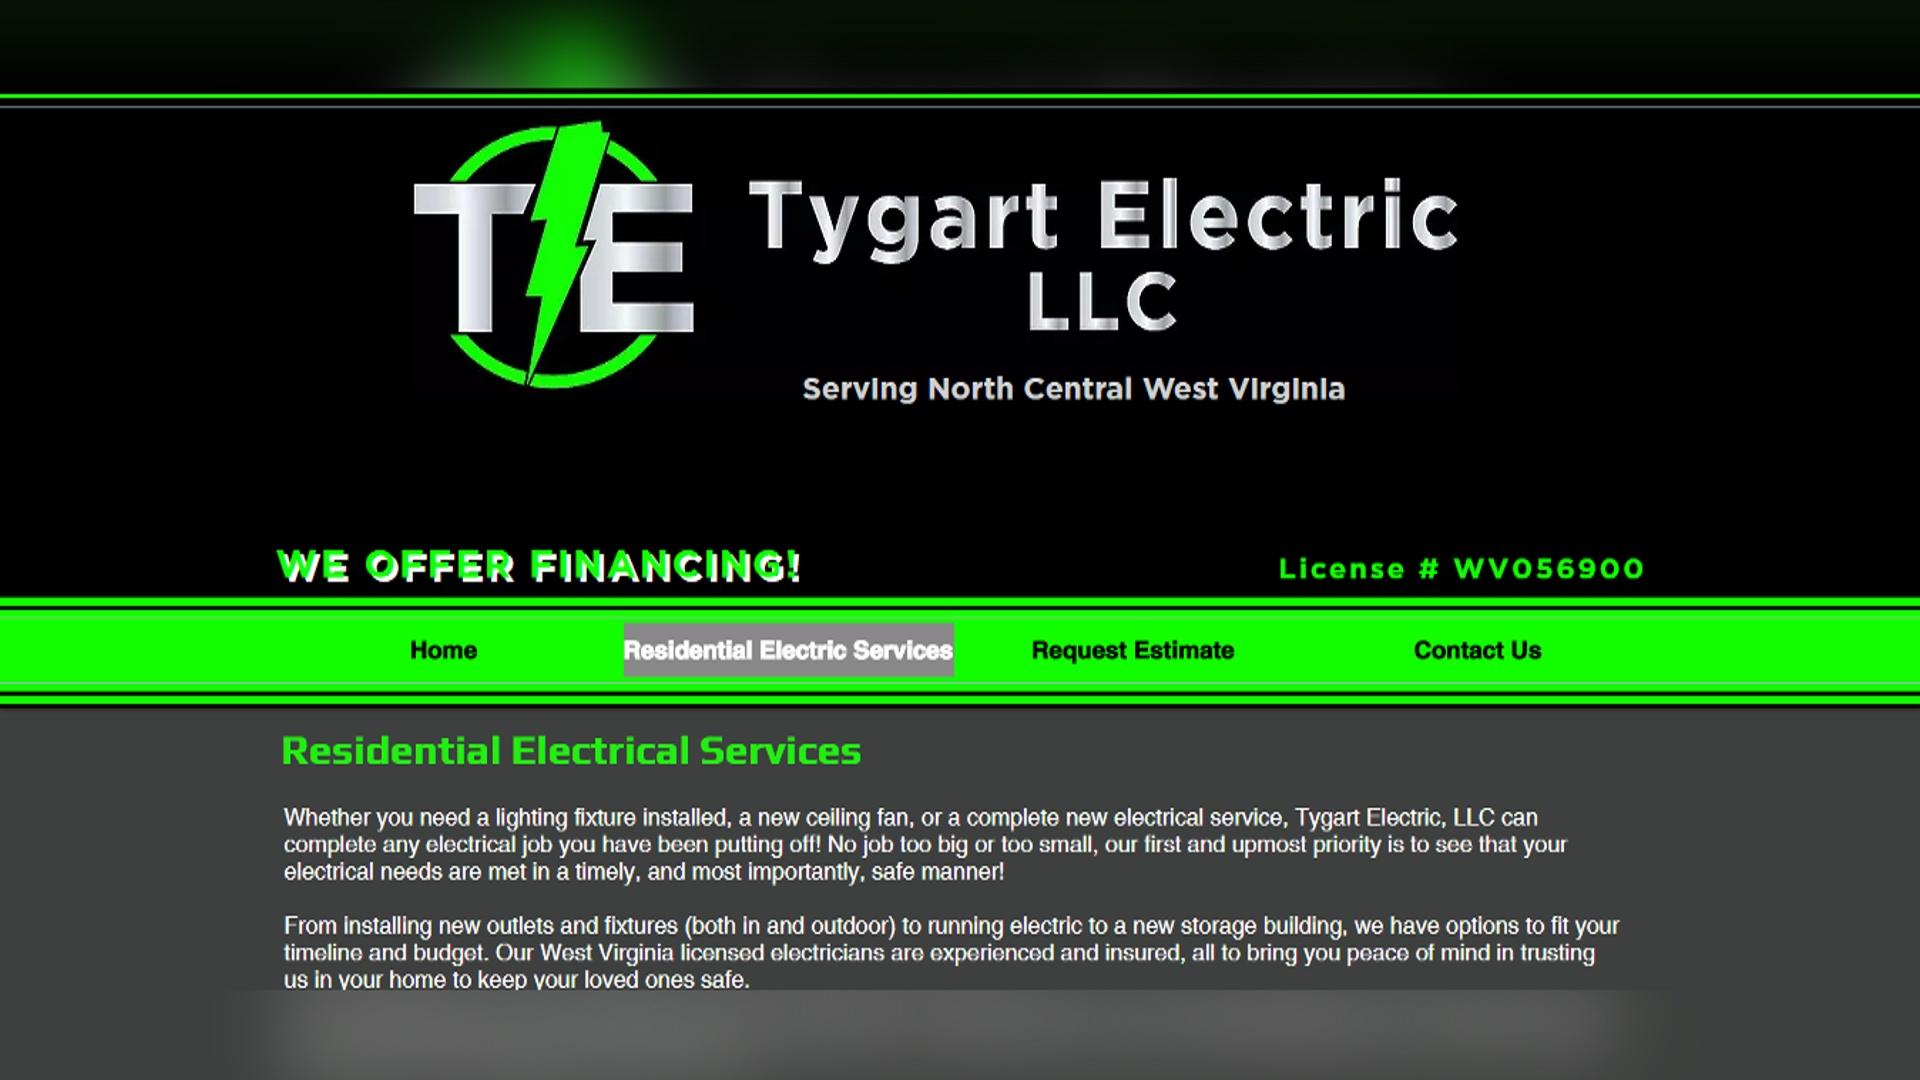 Tygart Electric